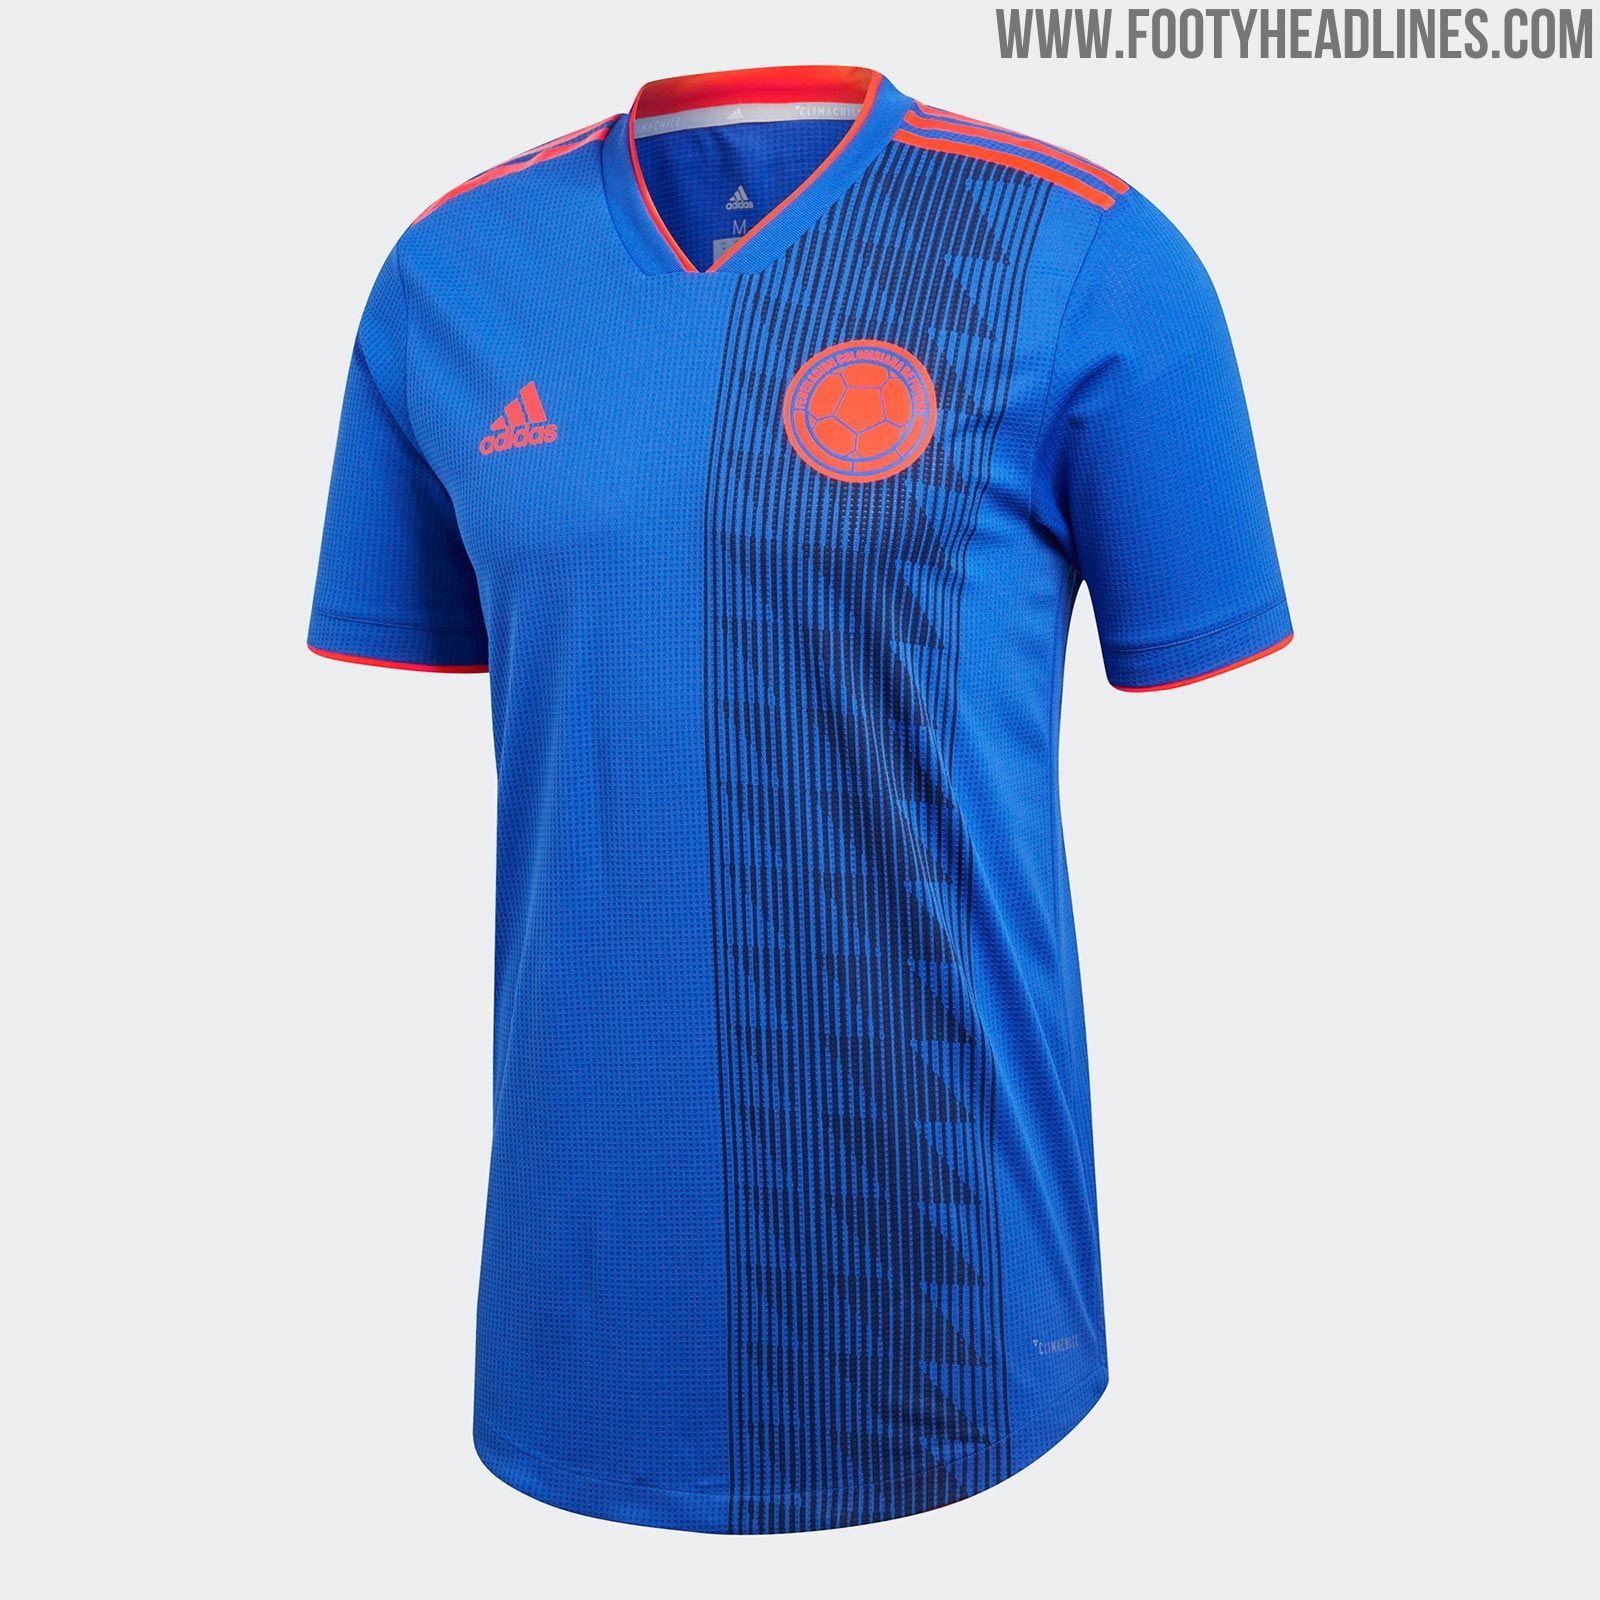 Se filtra el uniforme alterno de Colombia para el Mundial Rusia 2018 2a110bada3ca6